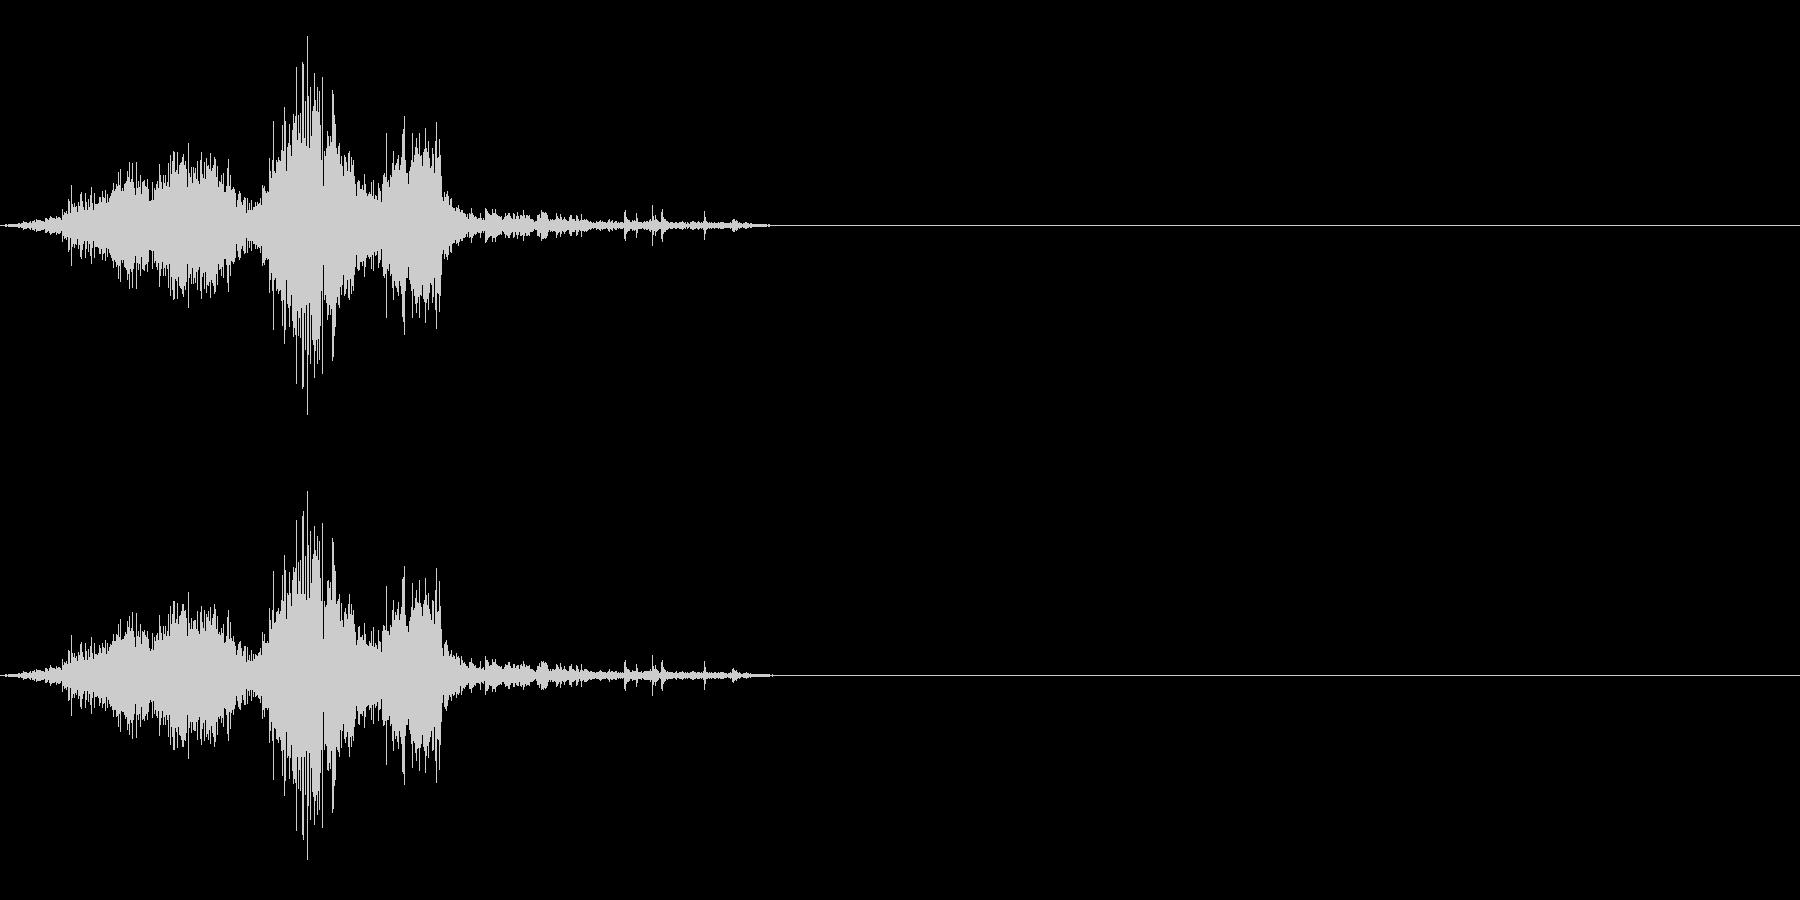 ザシュ!斬撃 刀で切った音 その5の未再生の波形